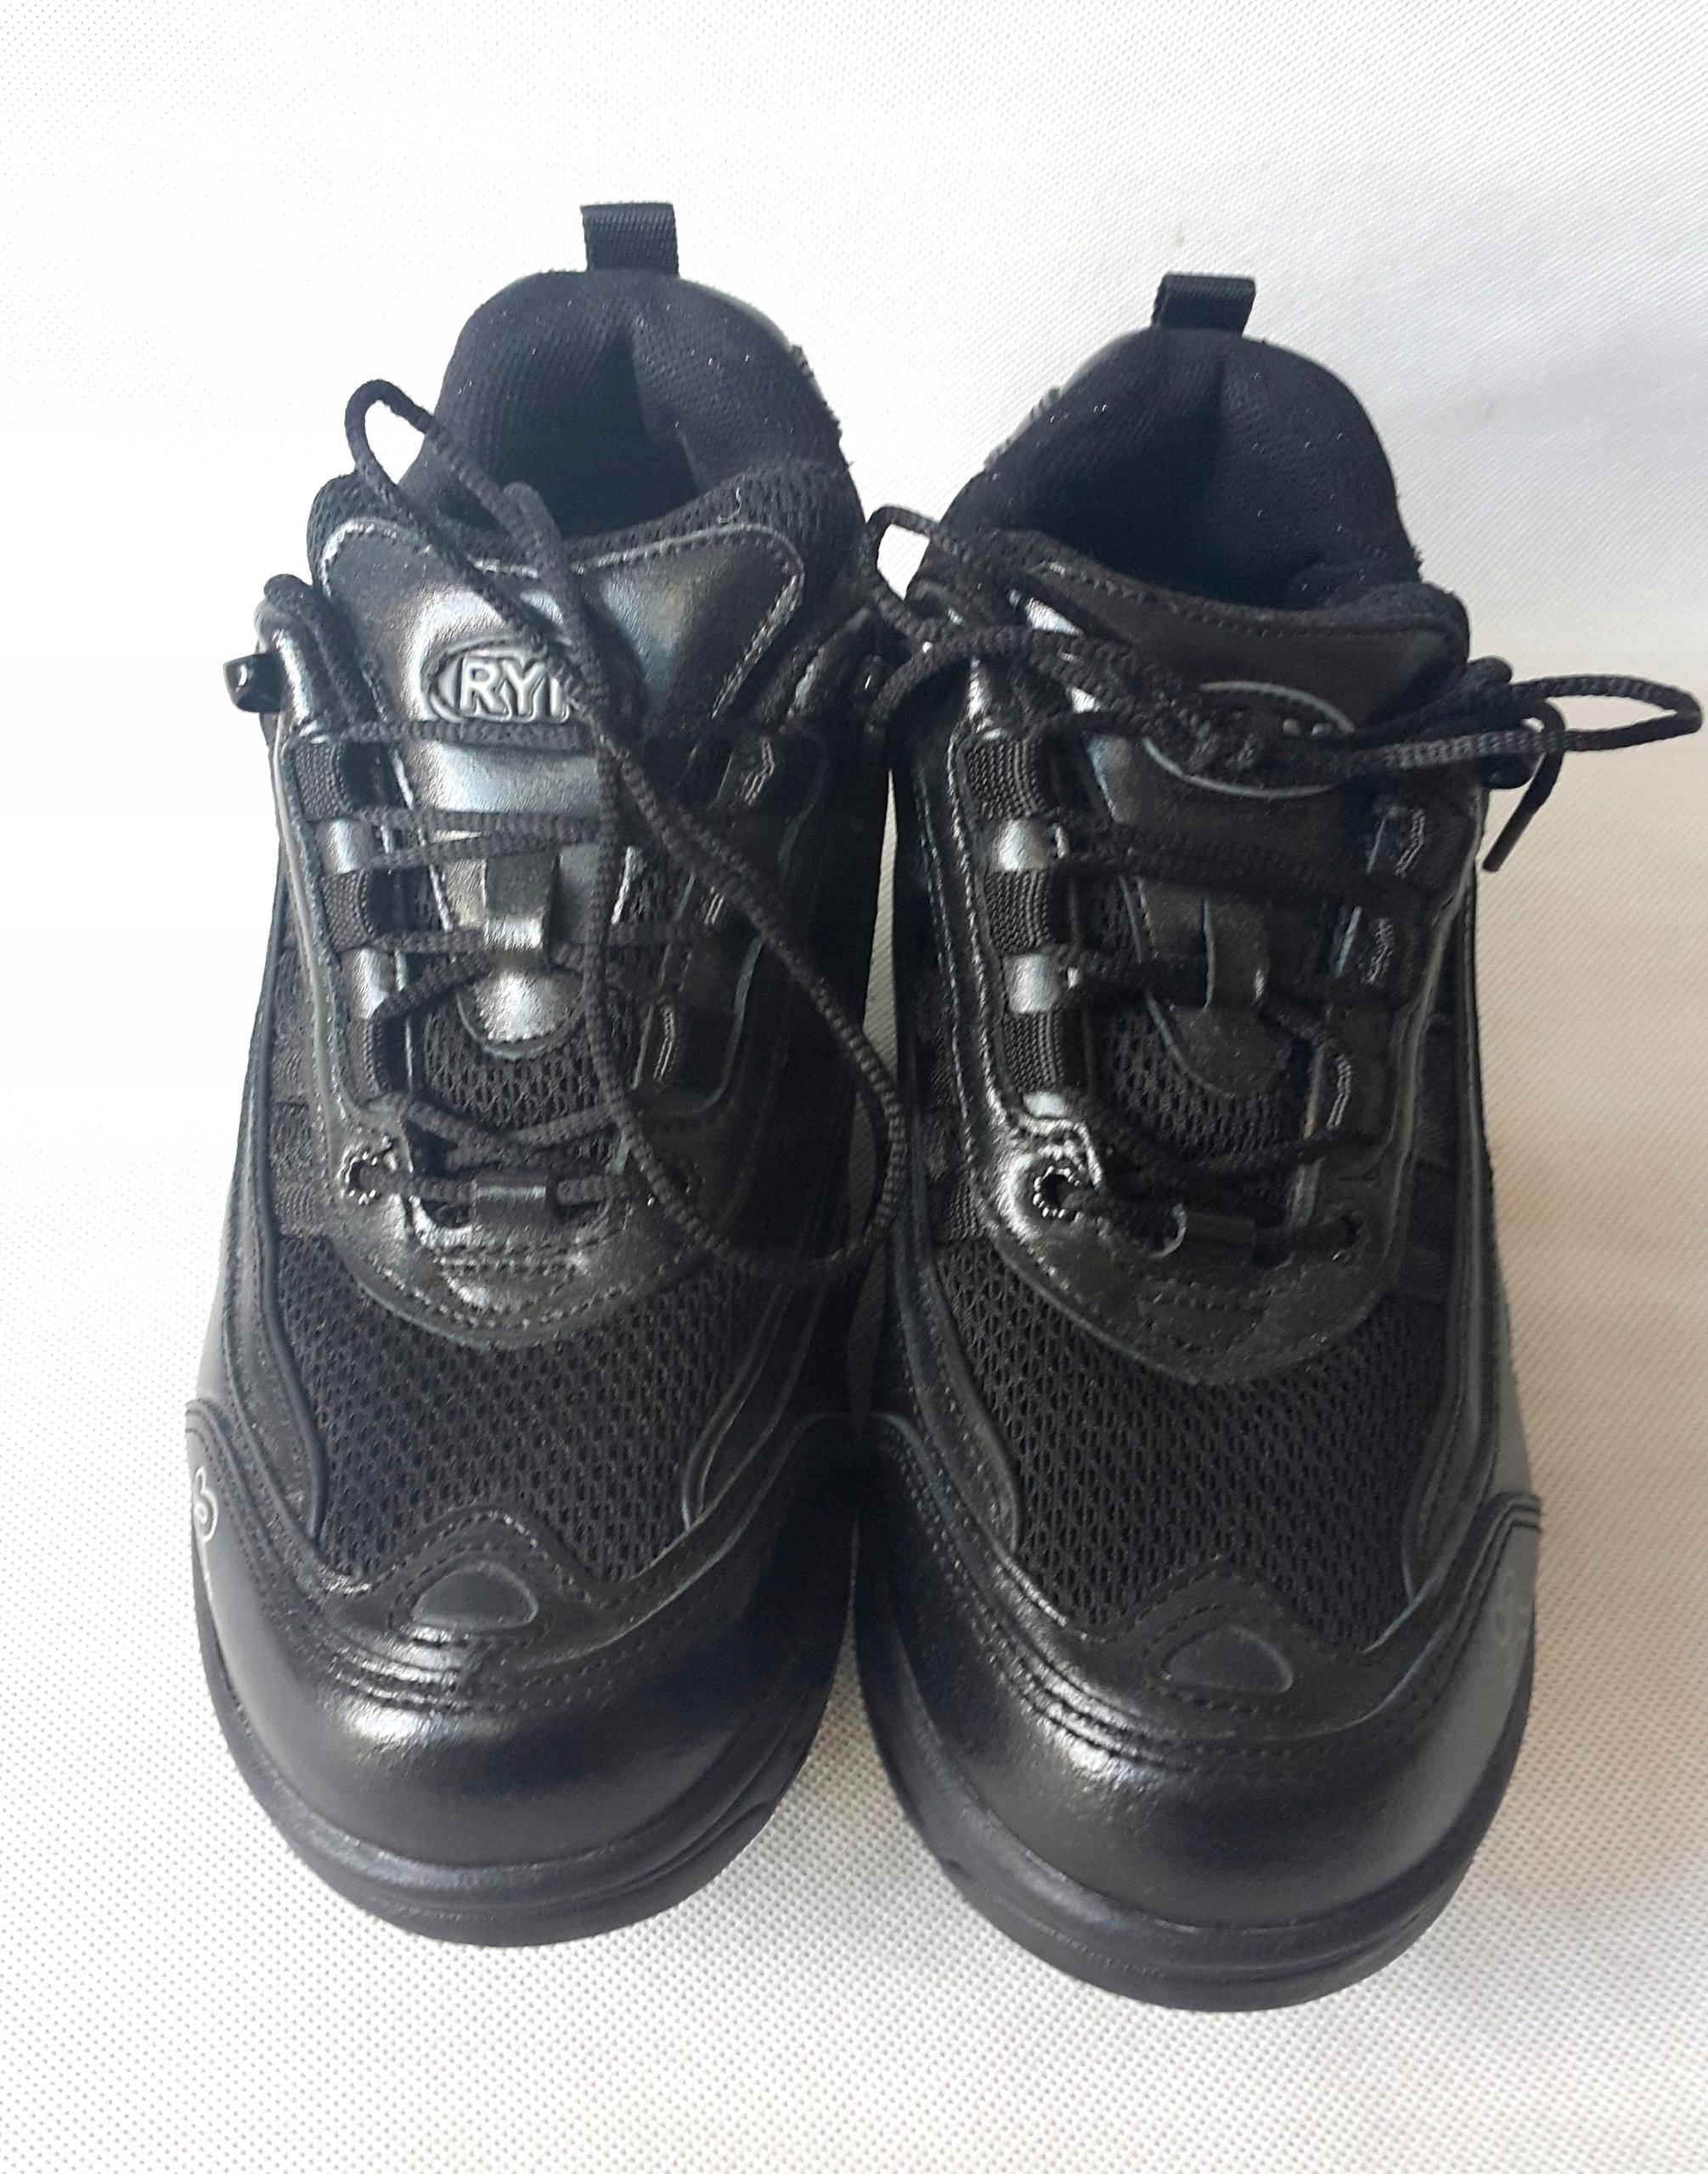 4f78c1d916cd RYN walking shoes 40 modelujące do fitnesu 40 26 - 7566942910 ...